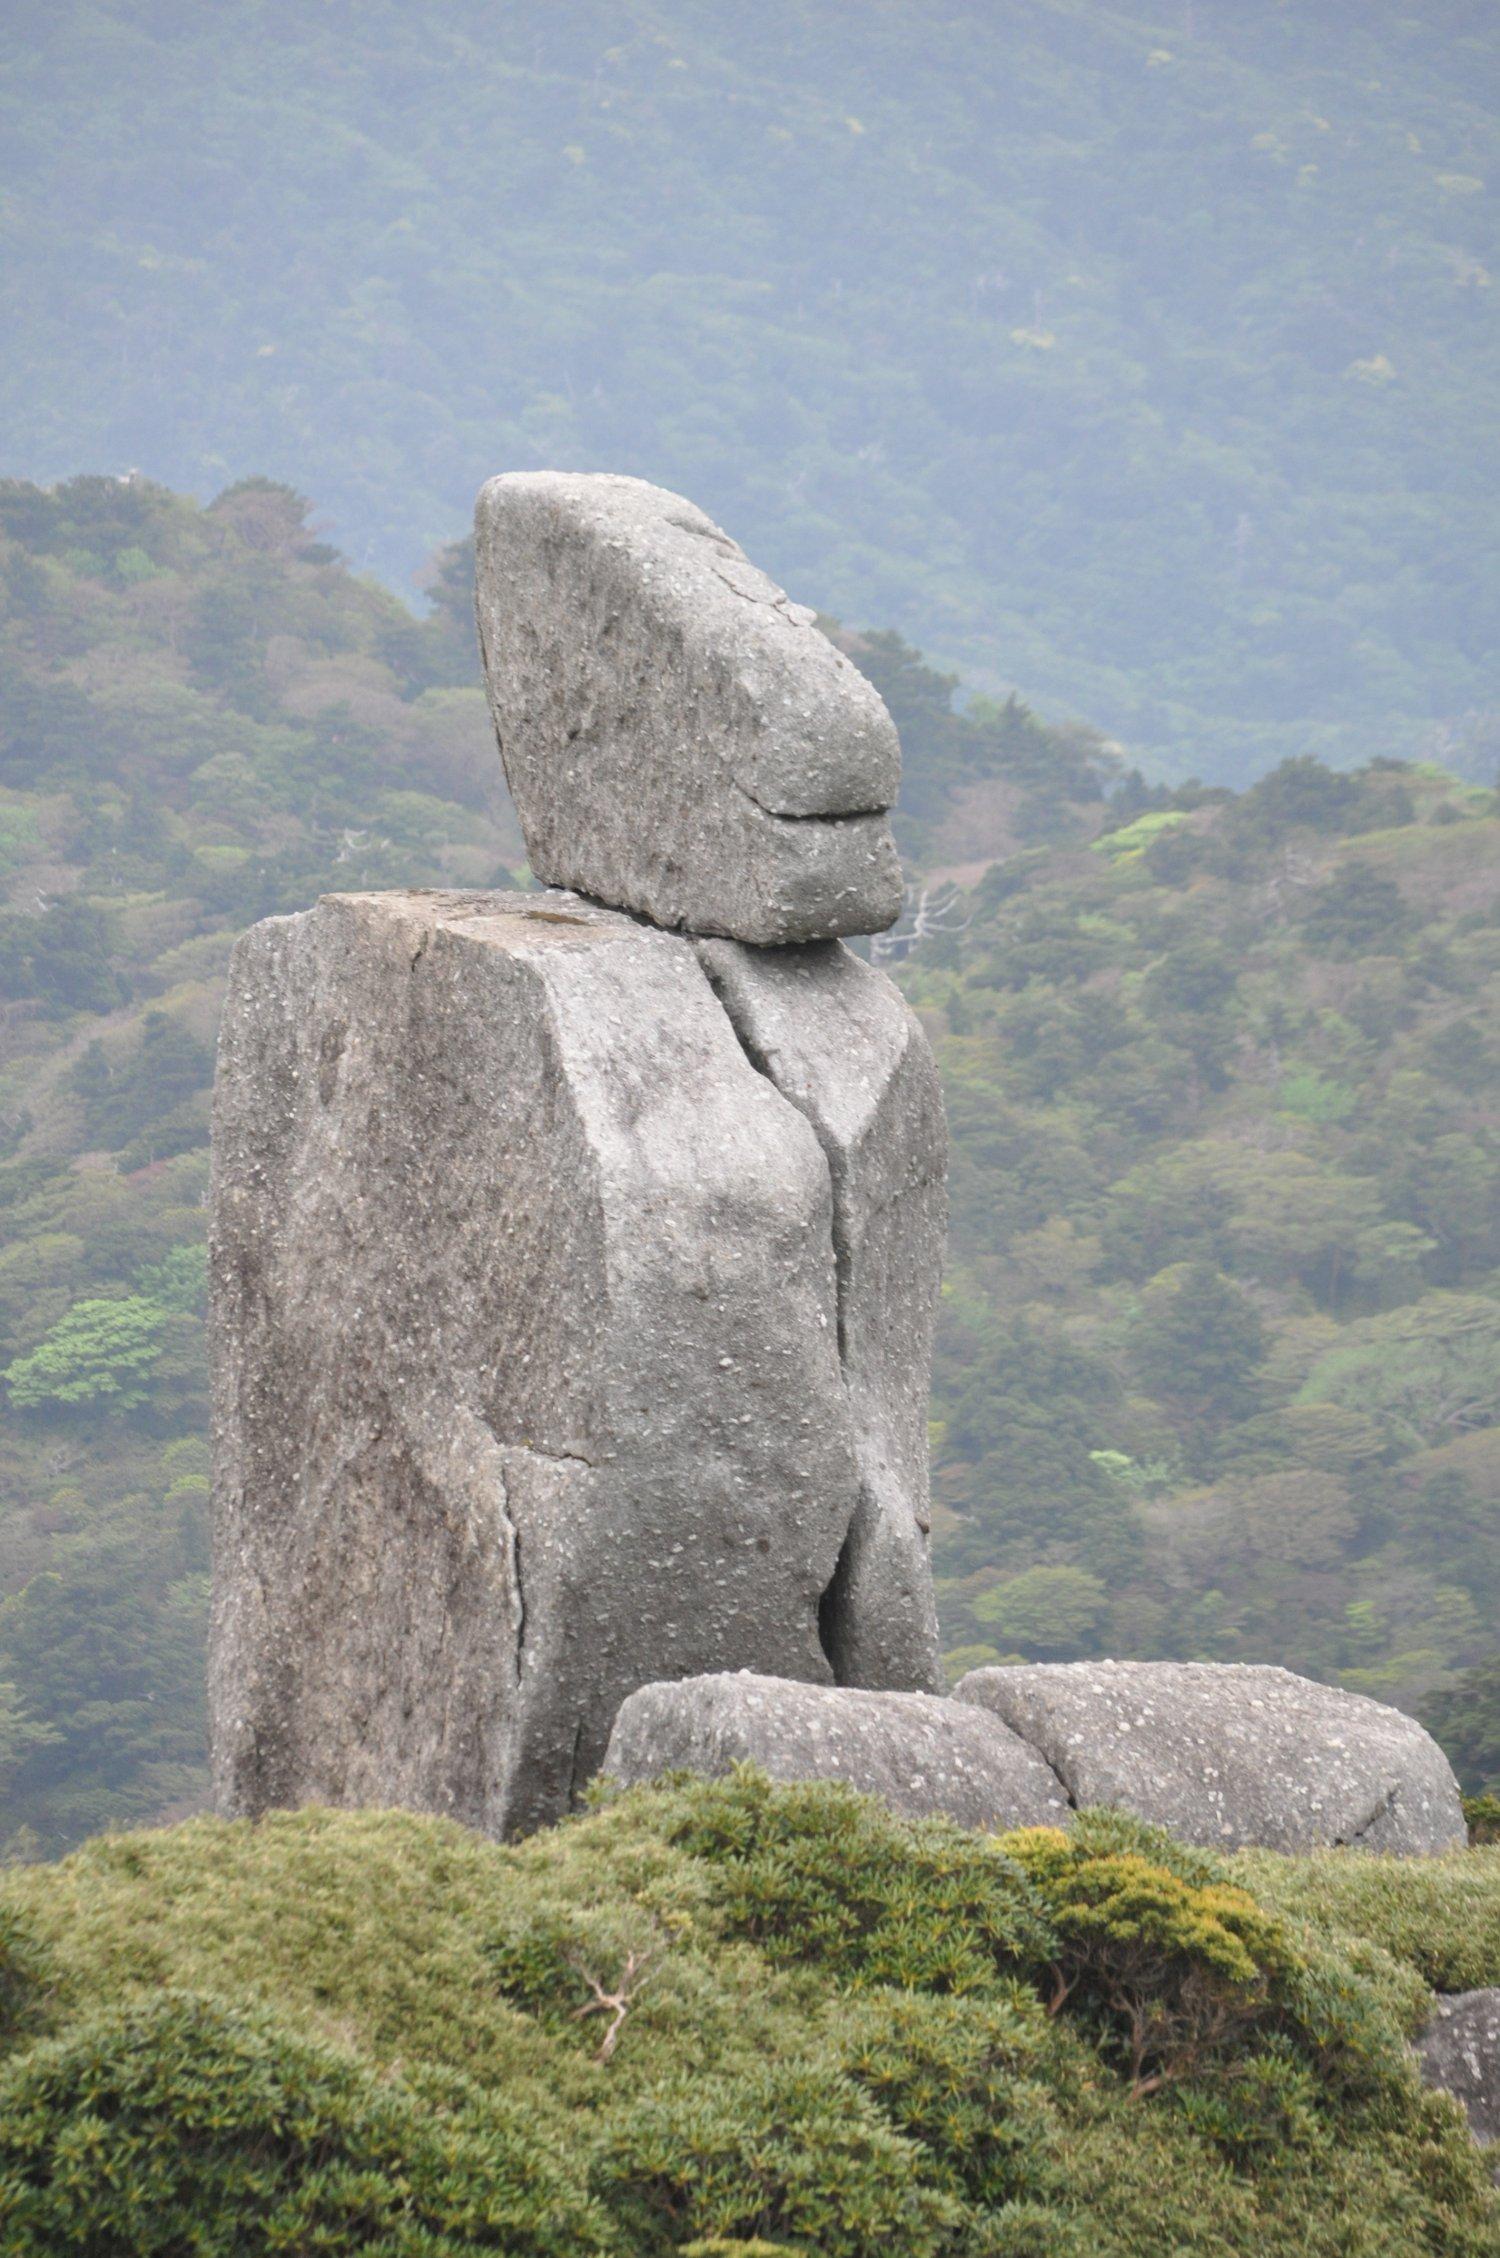 花崗岩の山地は奇岩怪石の宝庫。途中日本最南端の泥炭湿原もある。